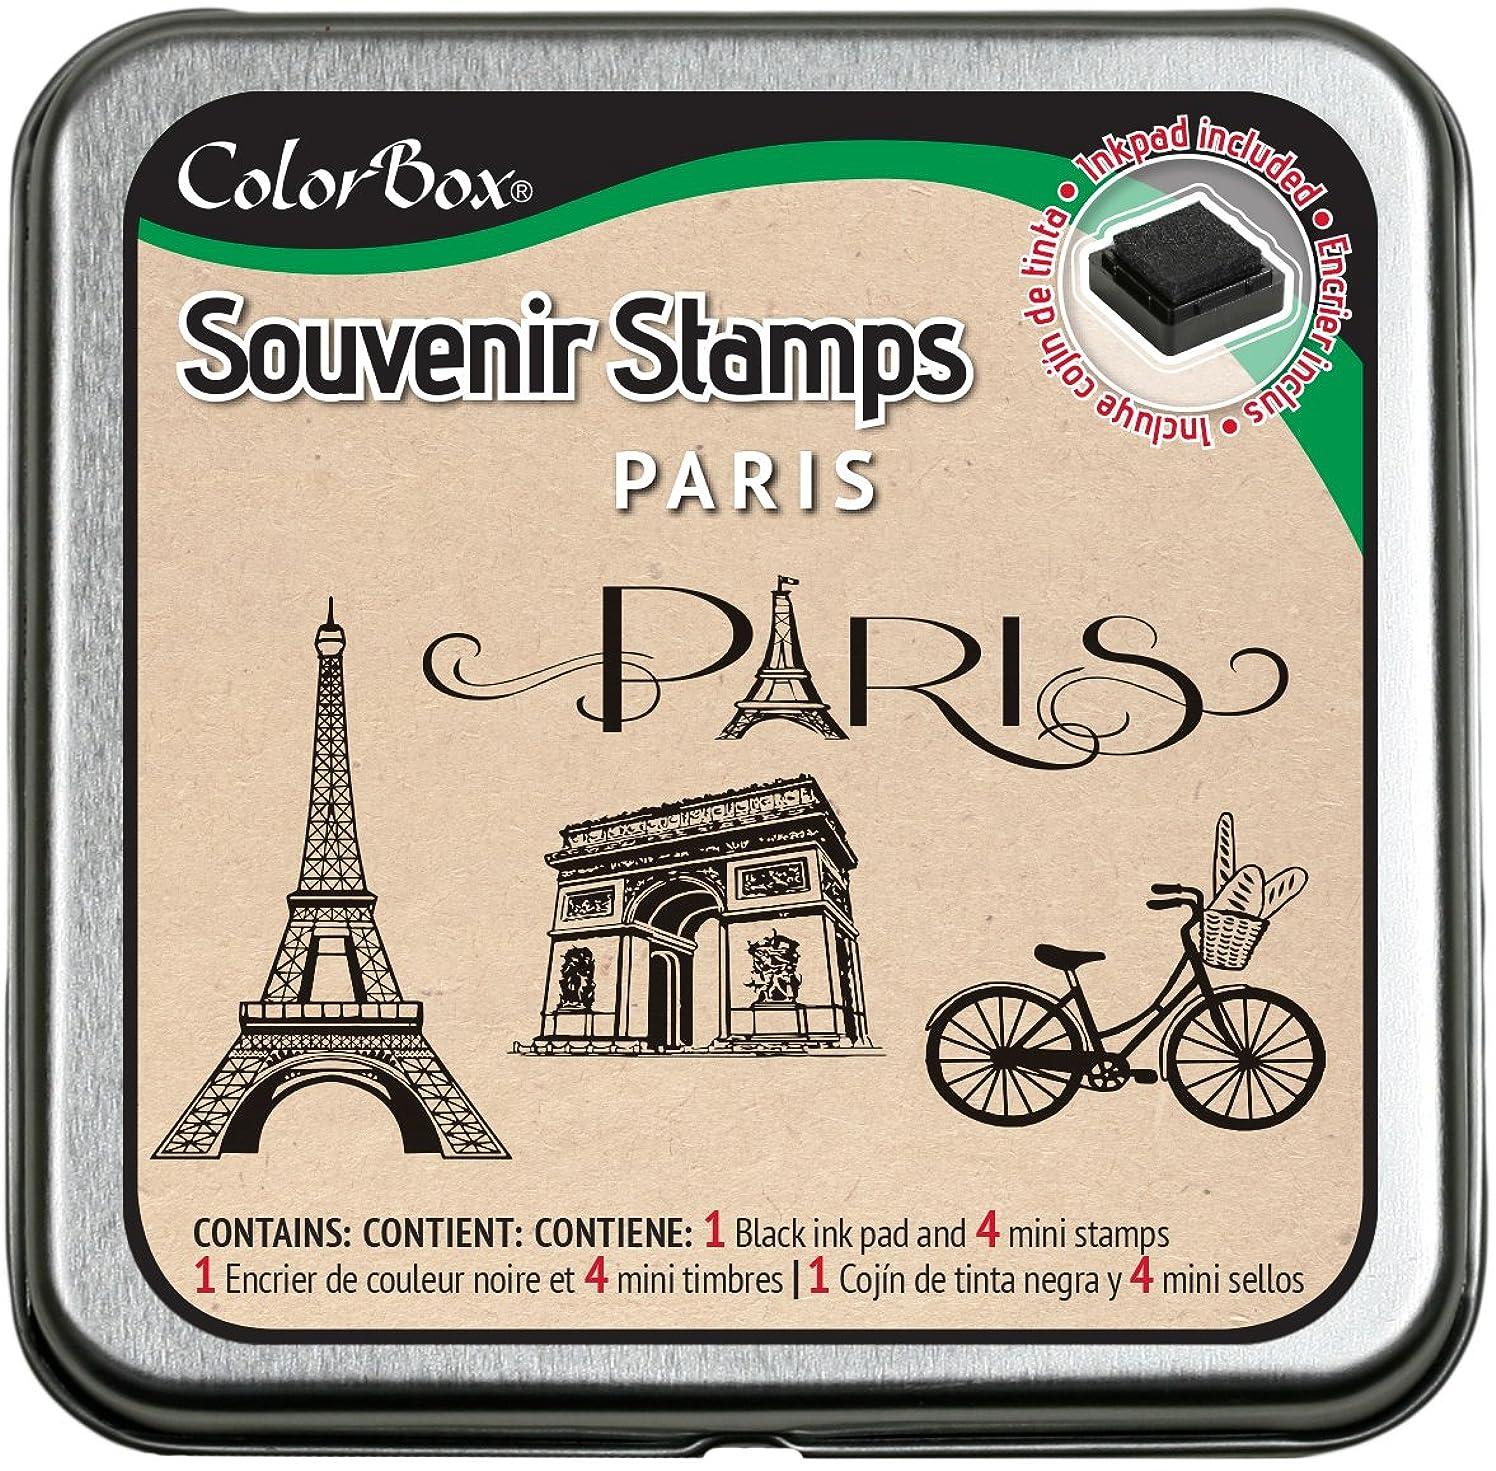 CLEARSNAP ColorBox Souvenir Stamps, Paris